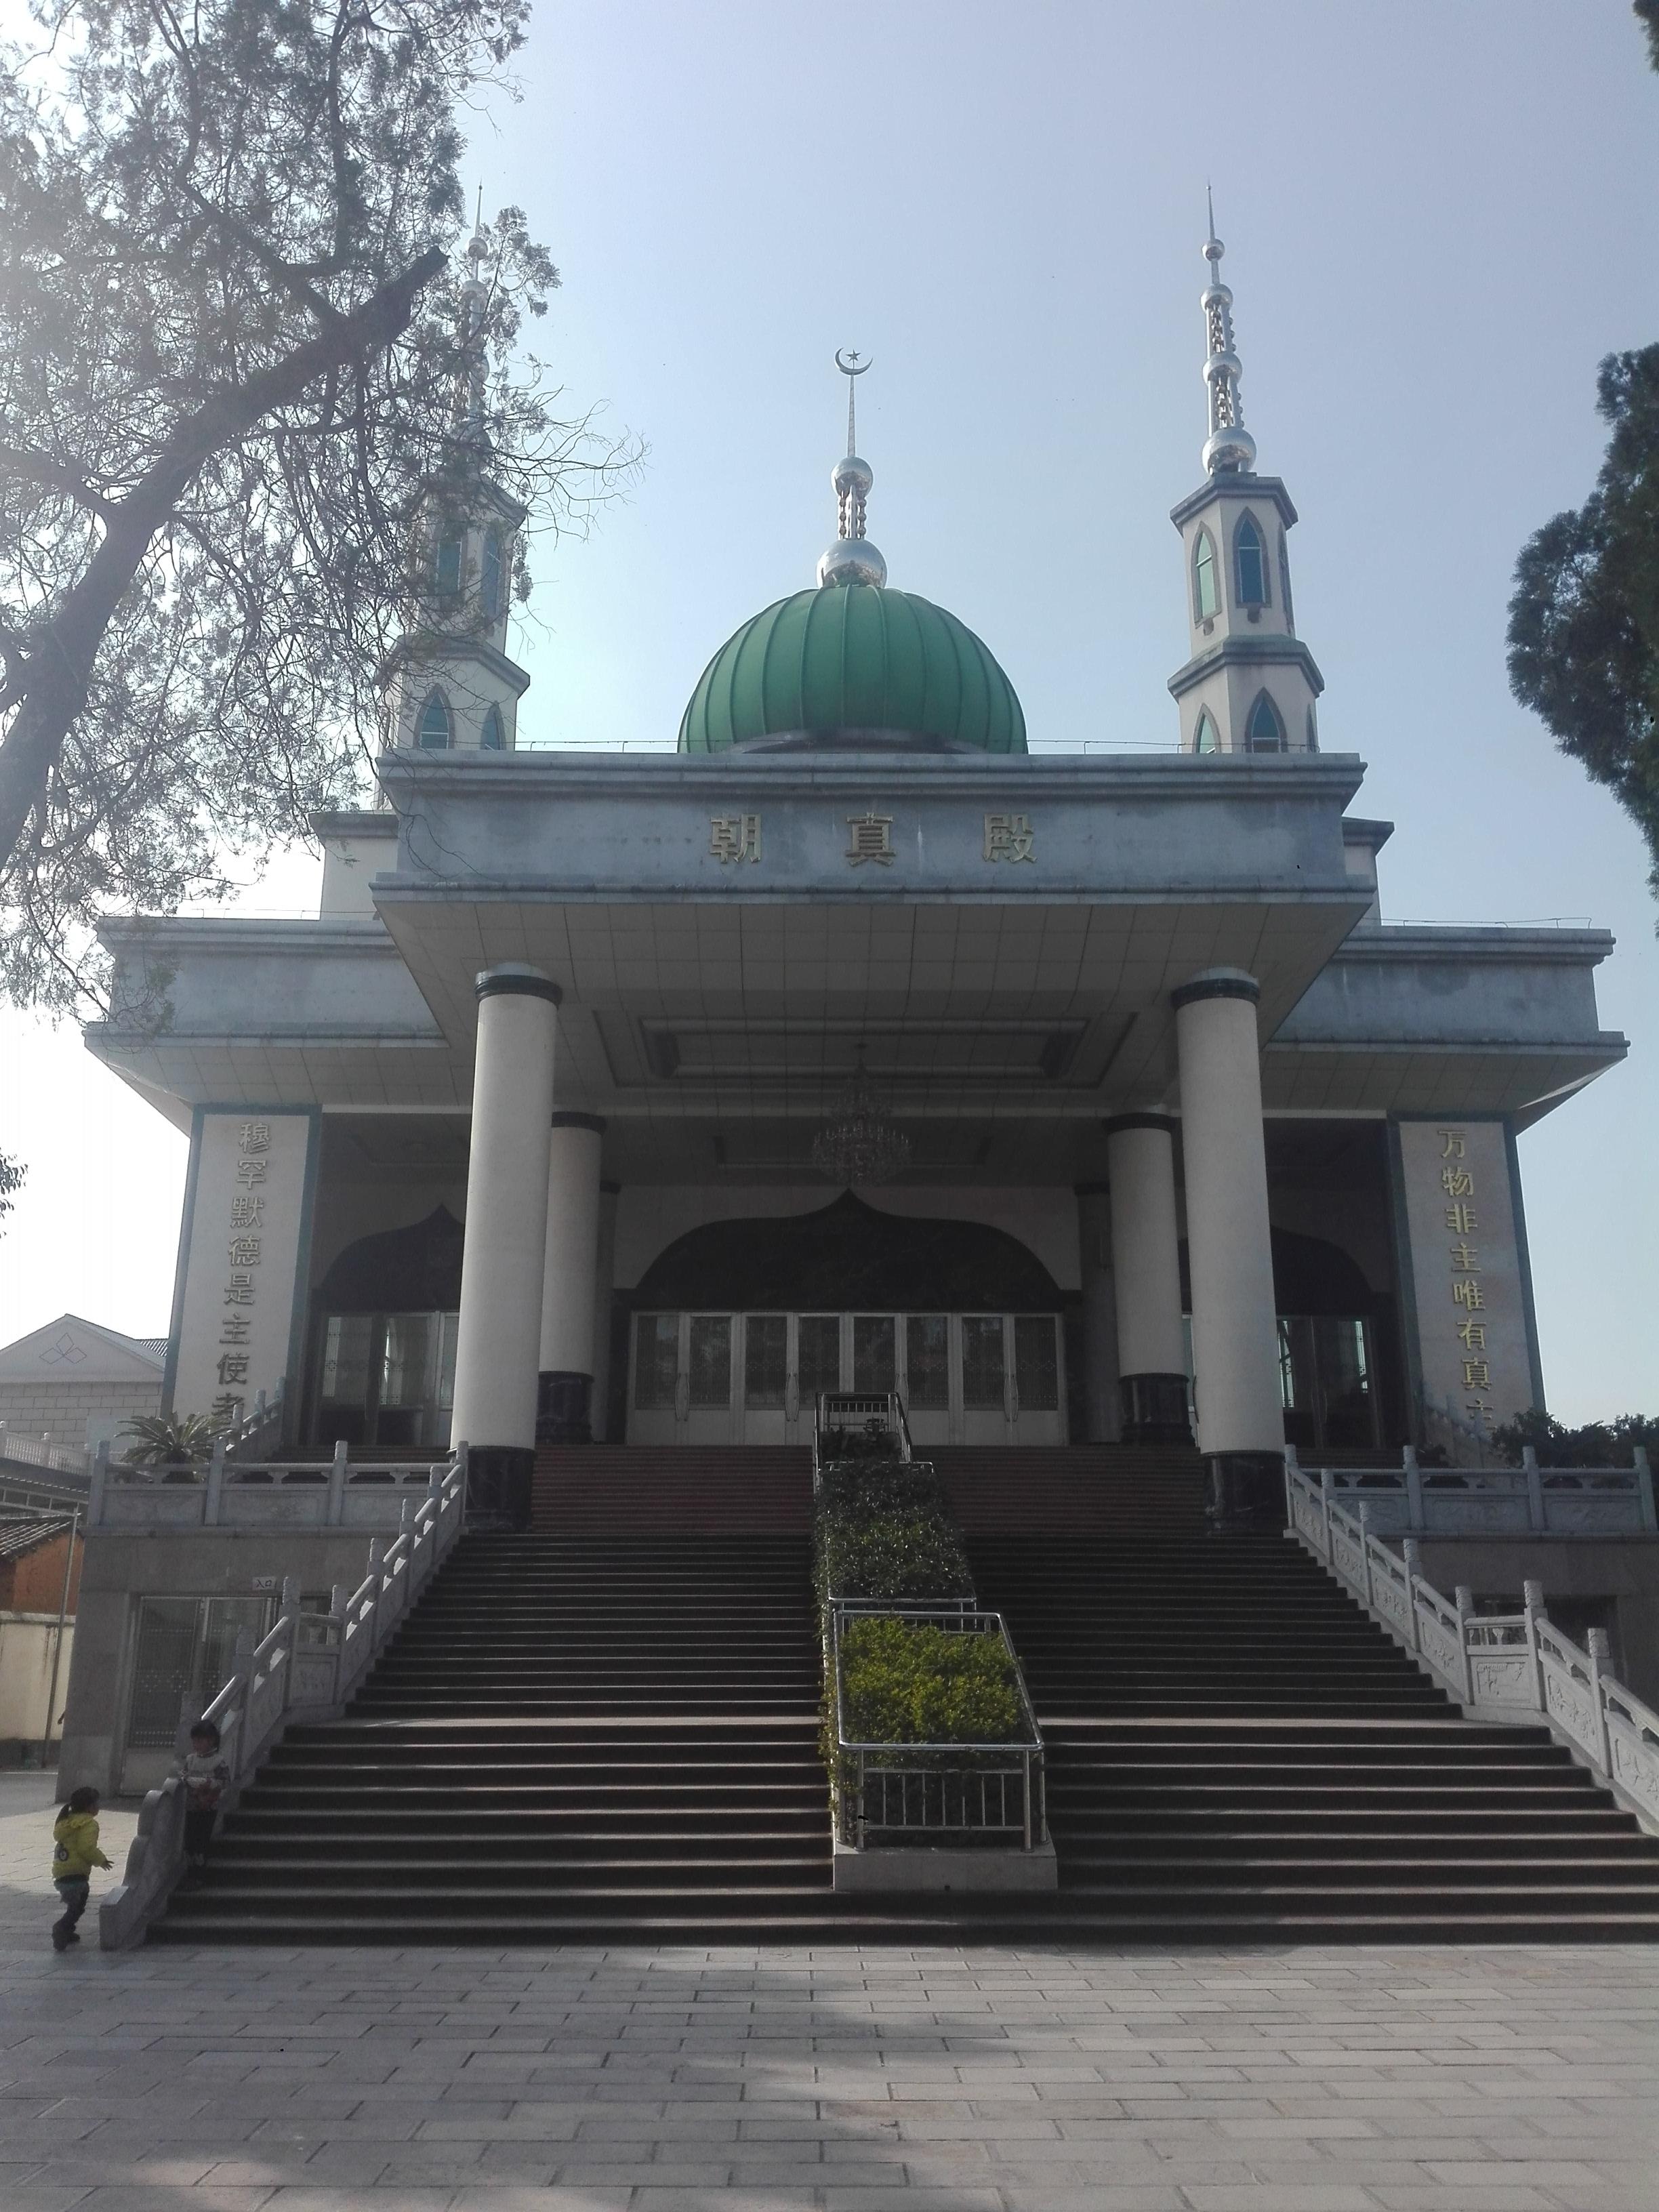 Cycling trip through Yunnan - Mezquita